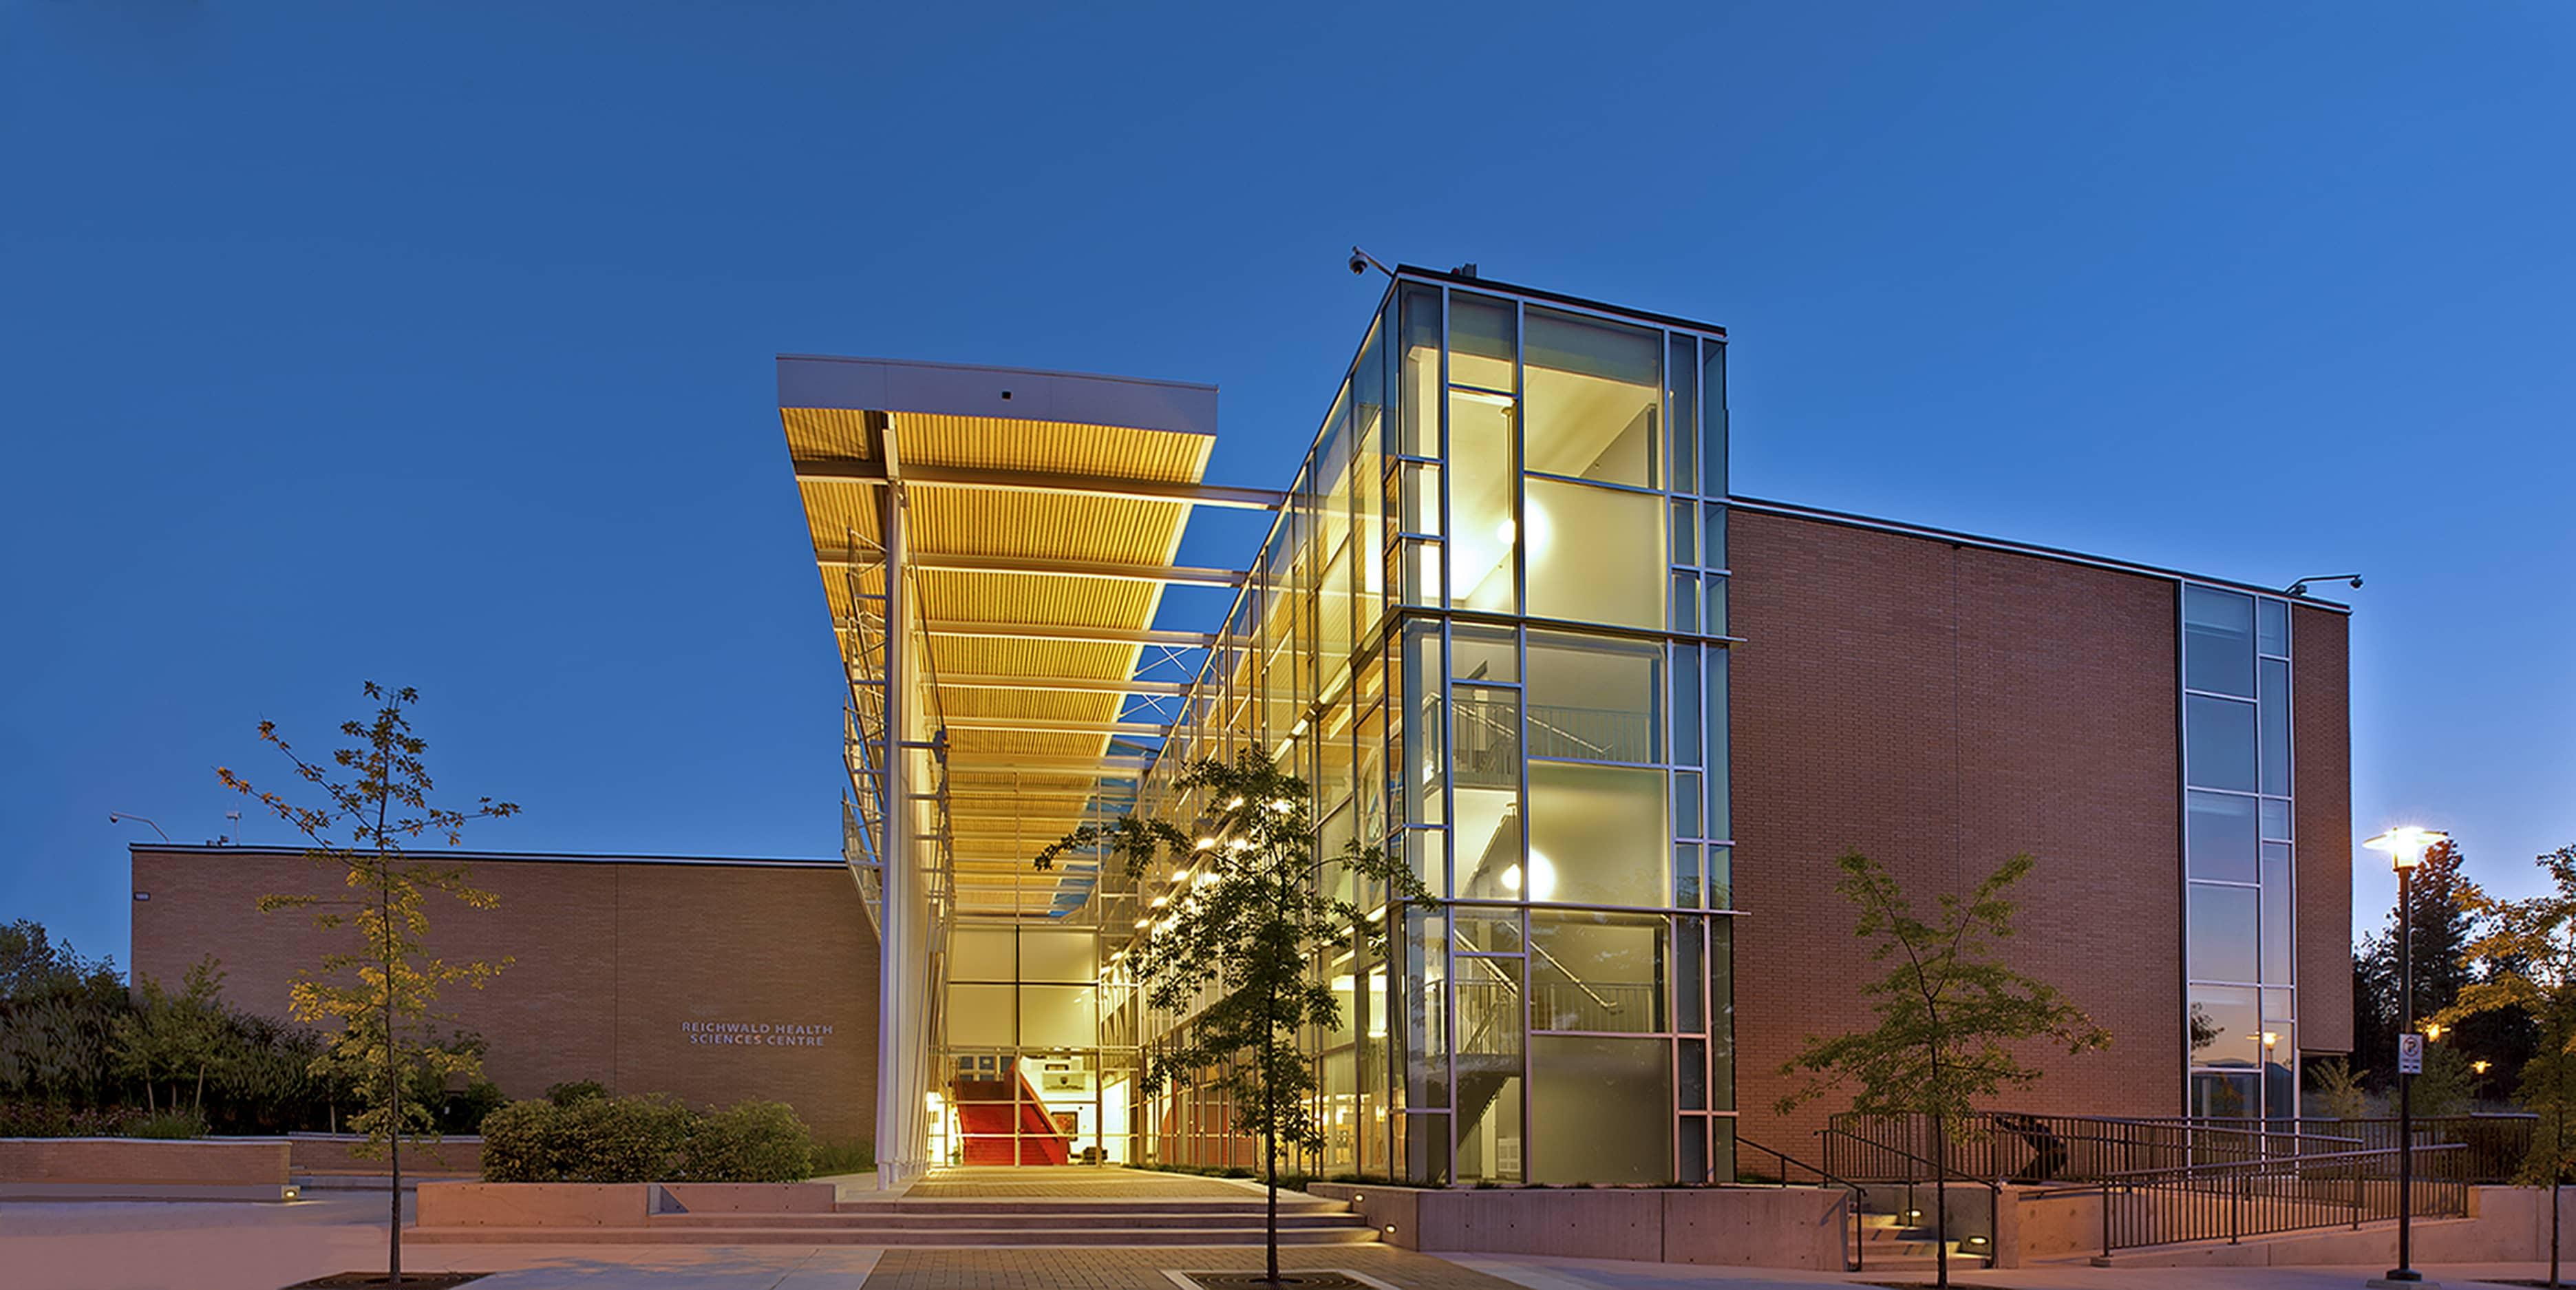 bbp ubco health sciences exterior entrance